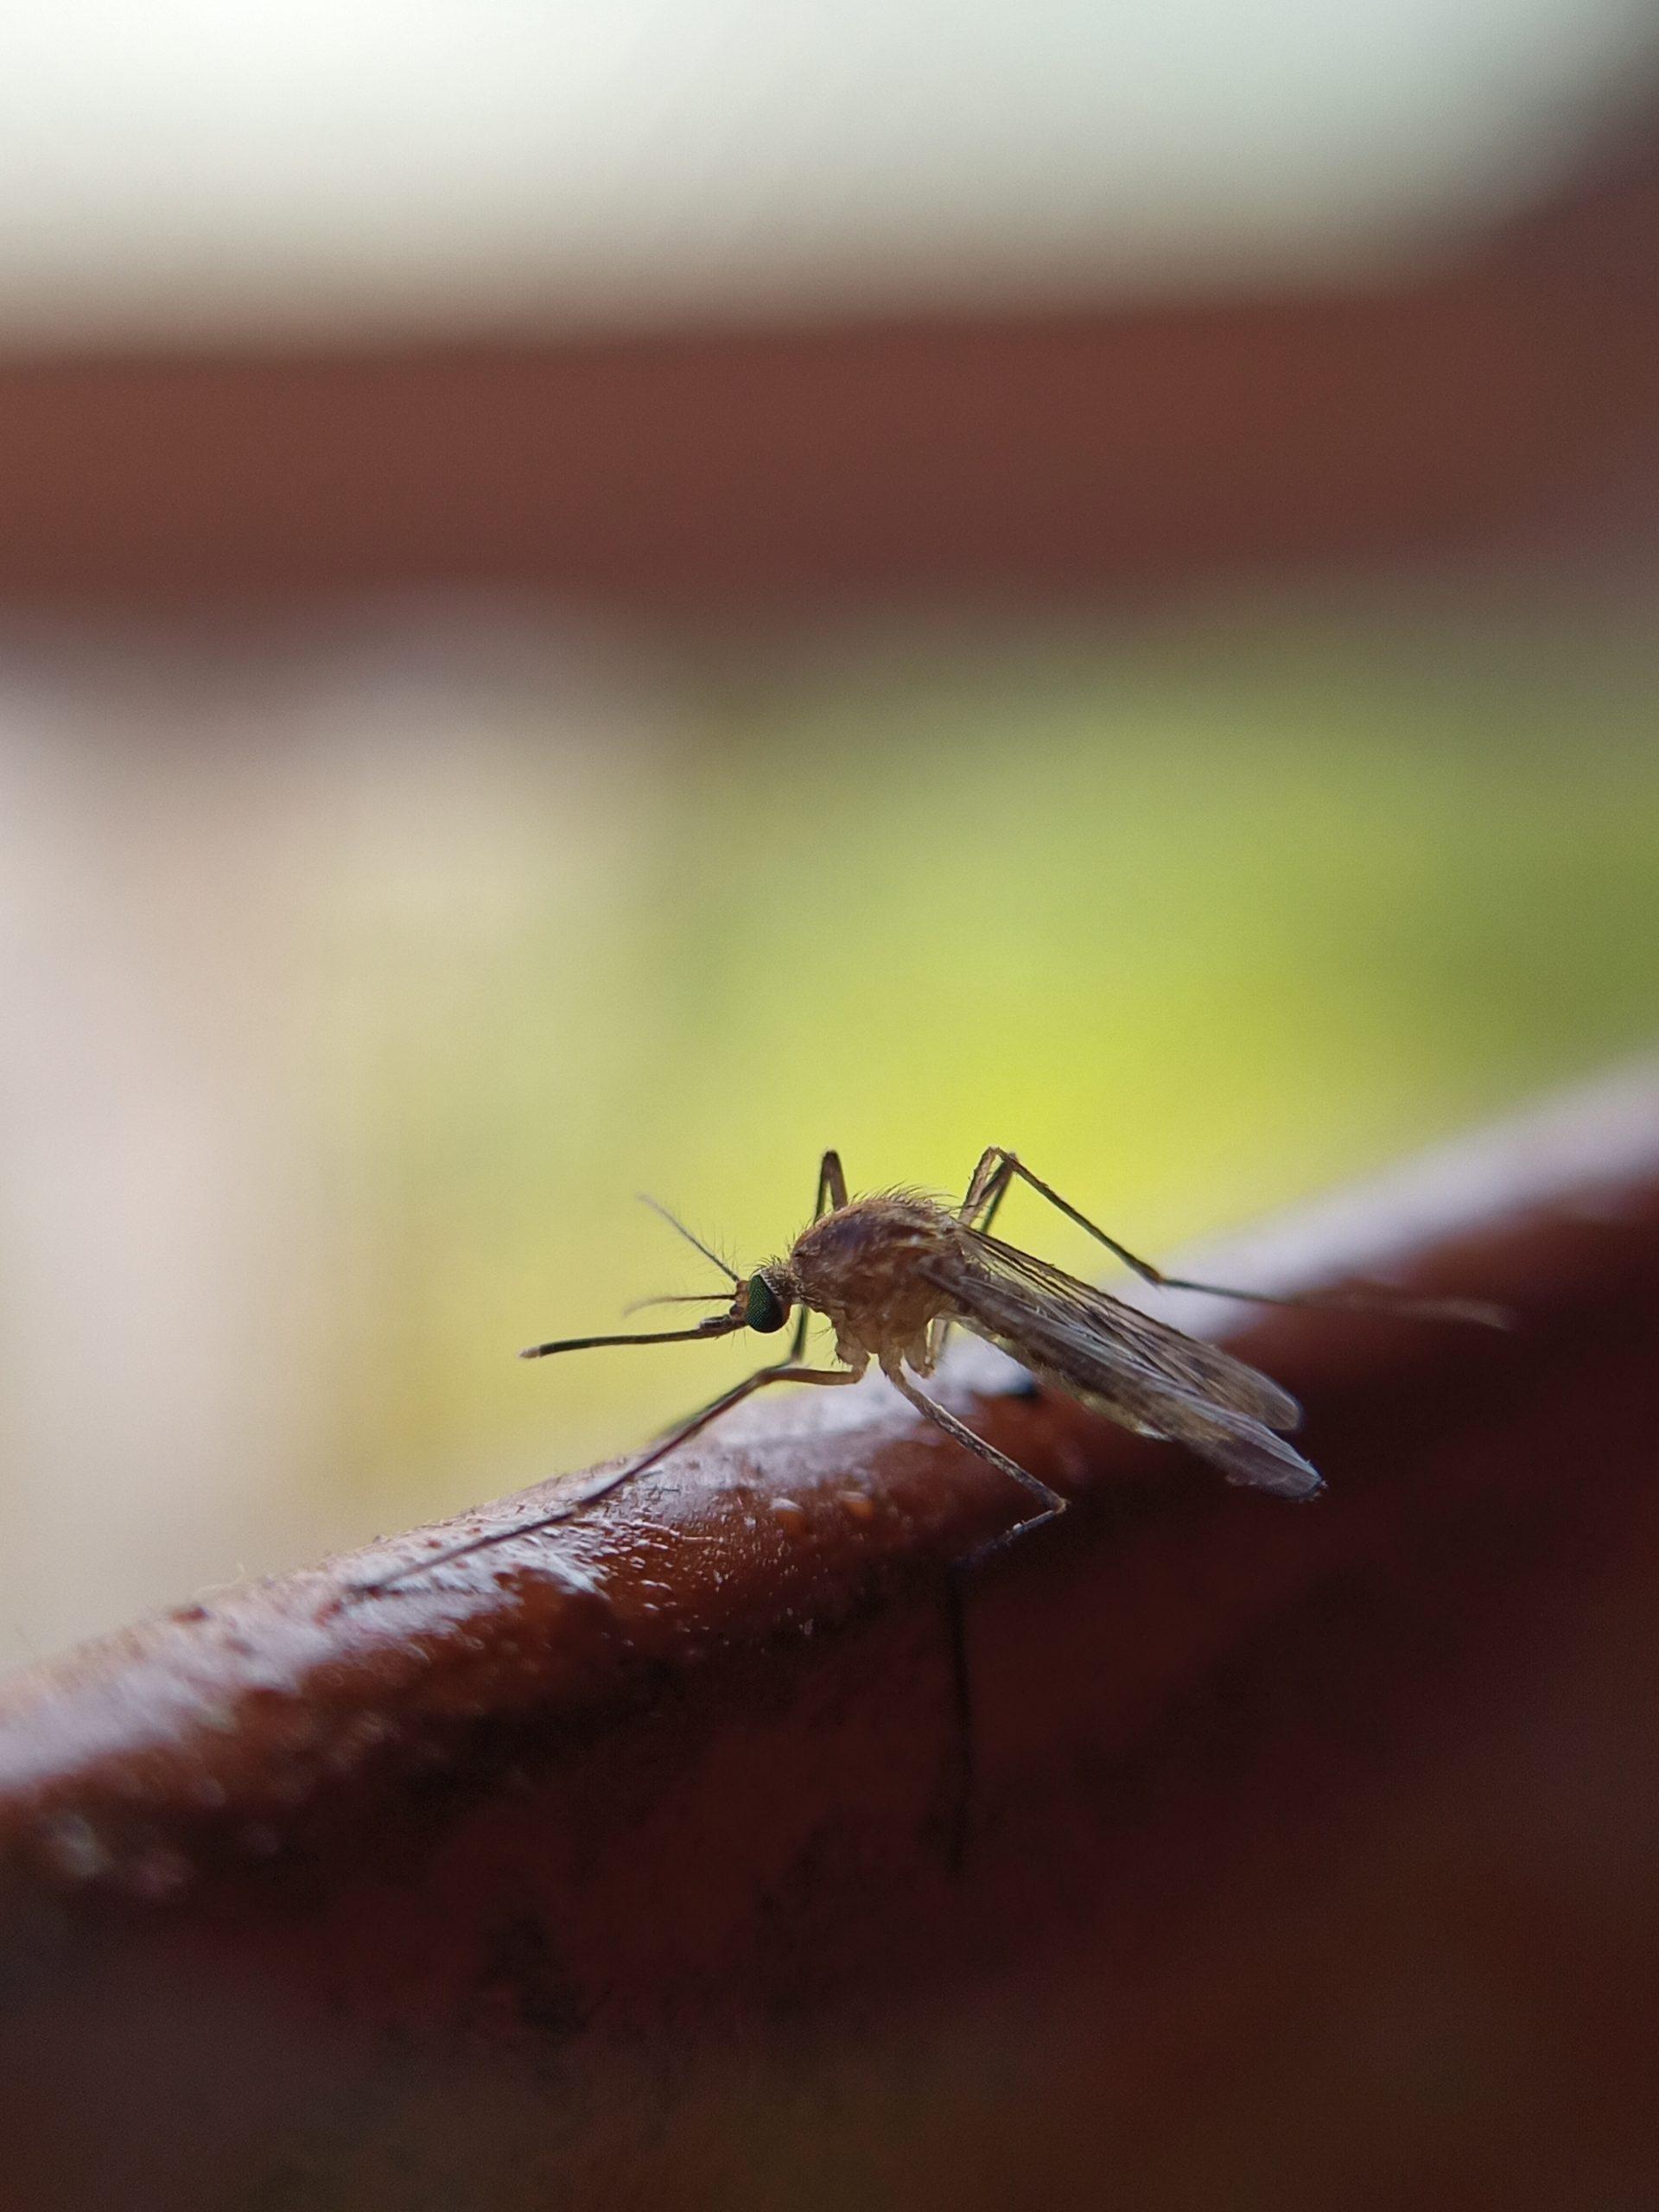 mosquito macro view